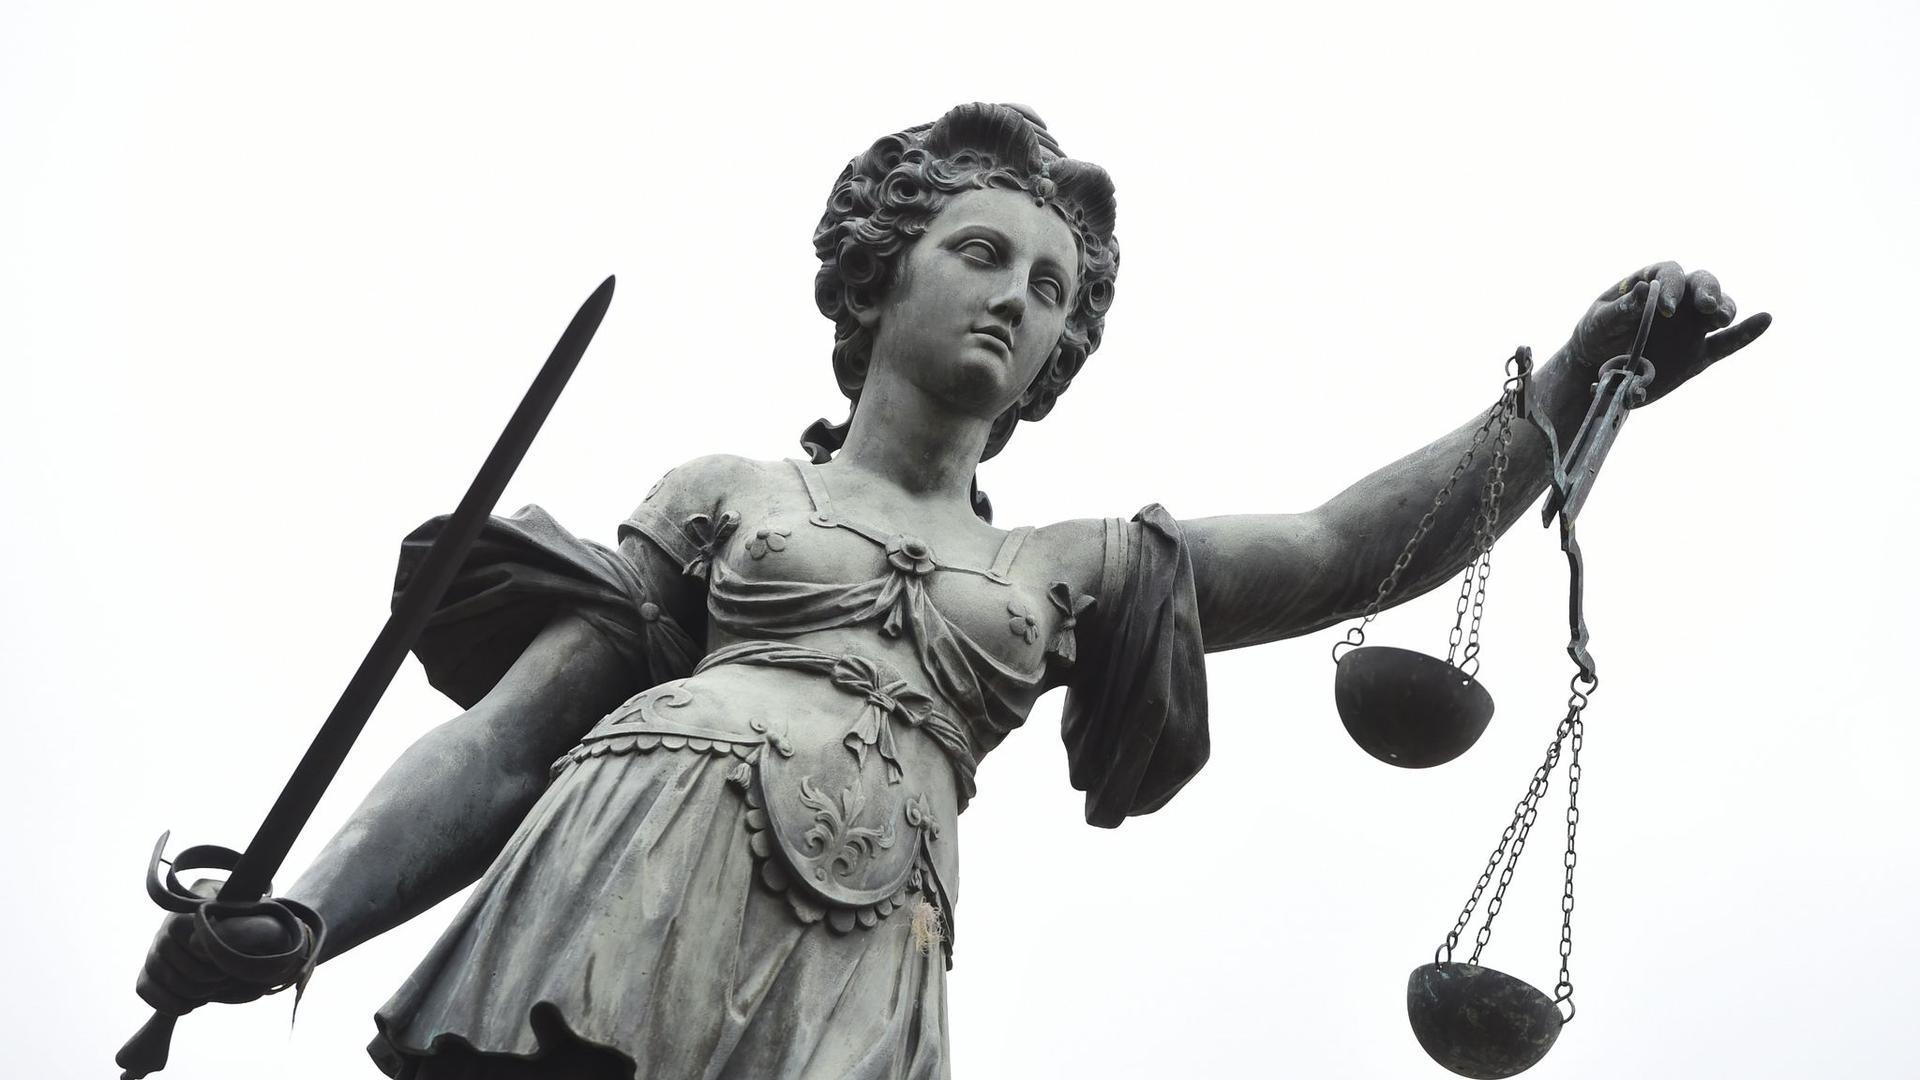 Eine Bronzeplastik der römischen Göttin der Gerechtigkeit, Justitia.